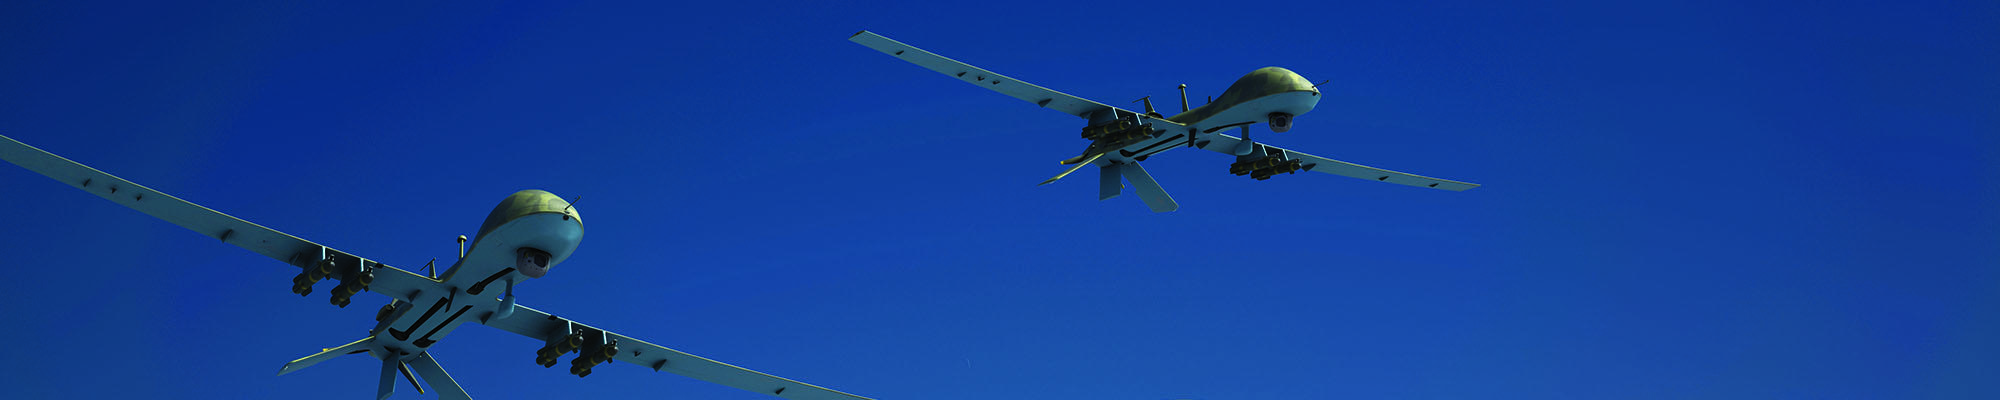 横幅显示两架无人机